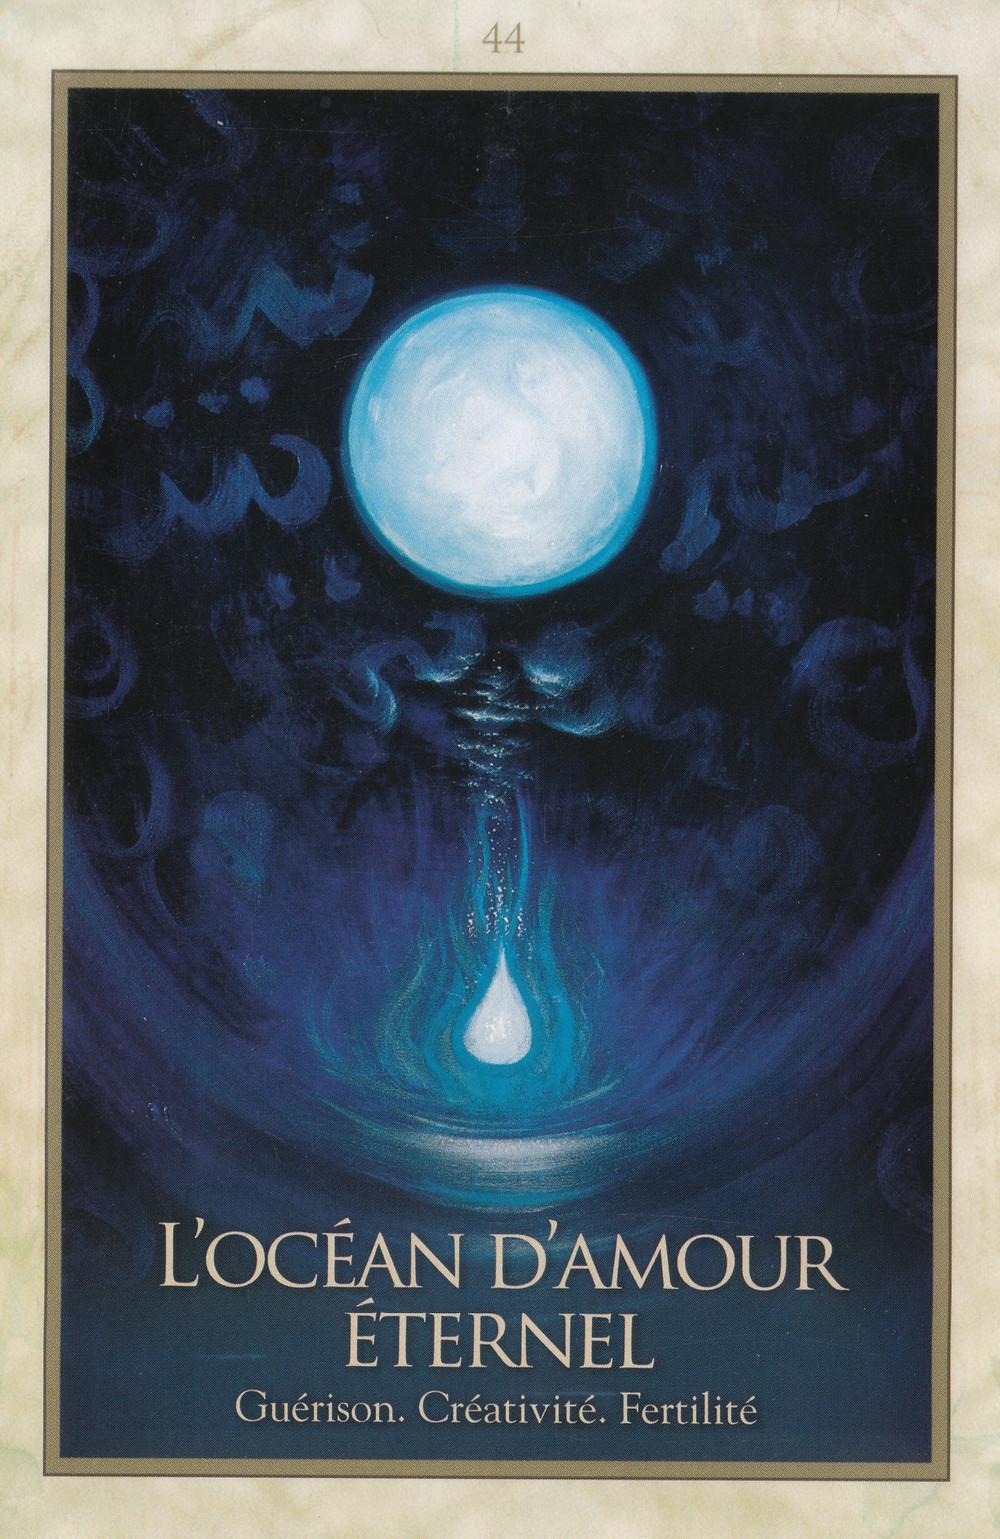 L'Oracle de Gaïa de Toni Carmine Salerno - L'océan d'amour éternel - Energies de la semaine du 16 au 22 septembre 2019 : victoire, en route vers un nouveau départ !